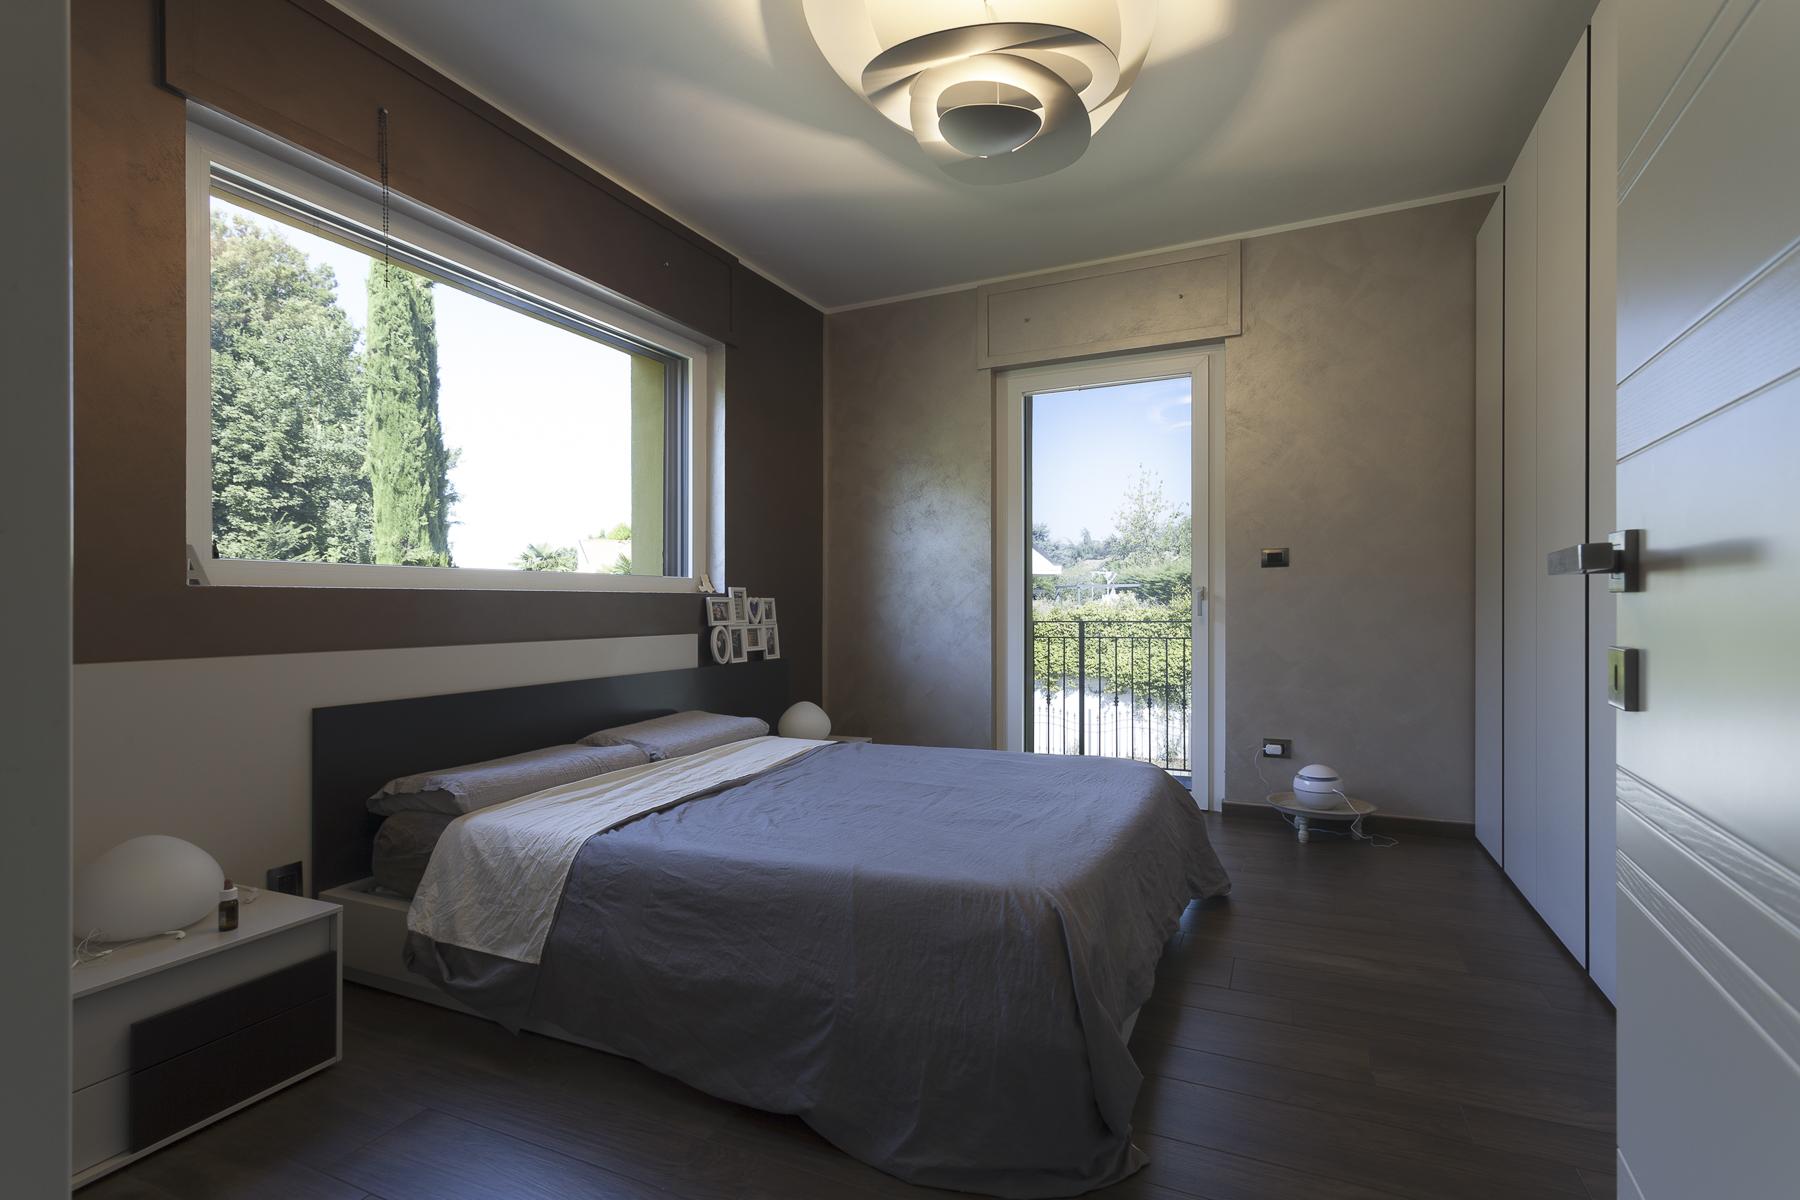 Casa indipendente in Vendita a Moncalieri: 5 locali, 250 mq - Foto 8